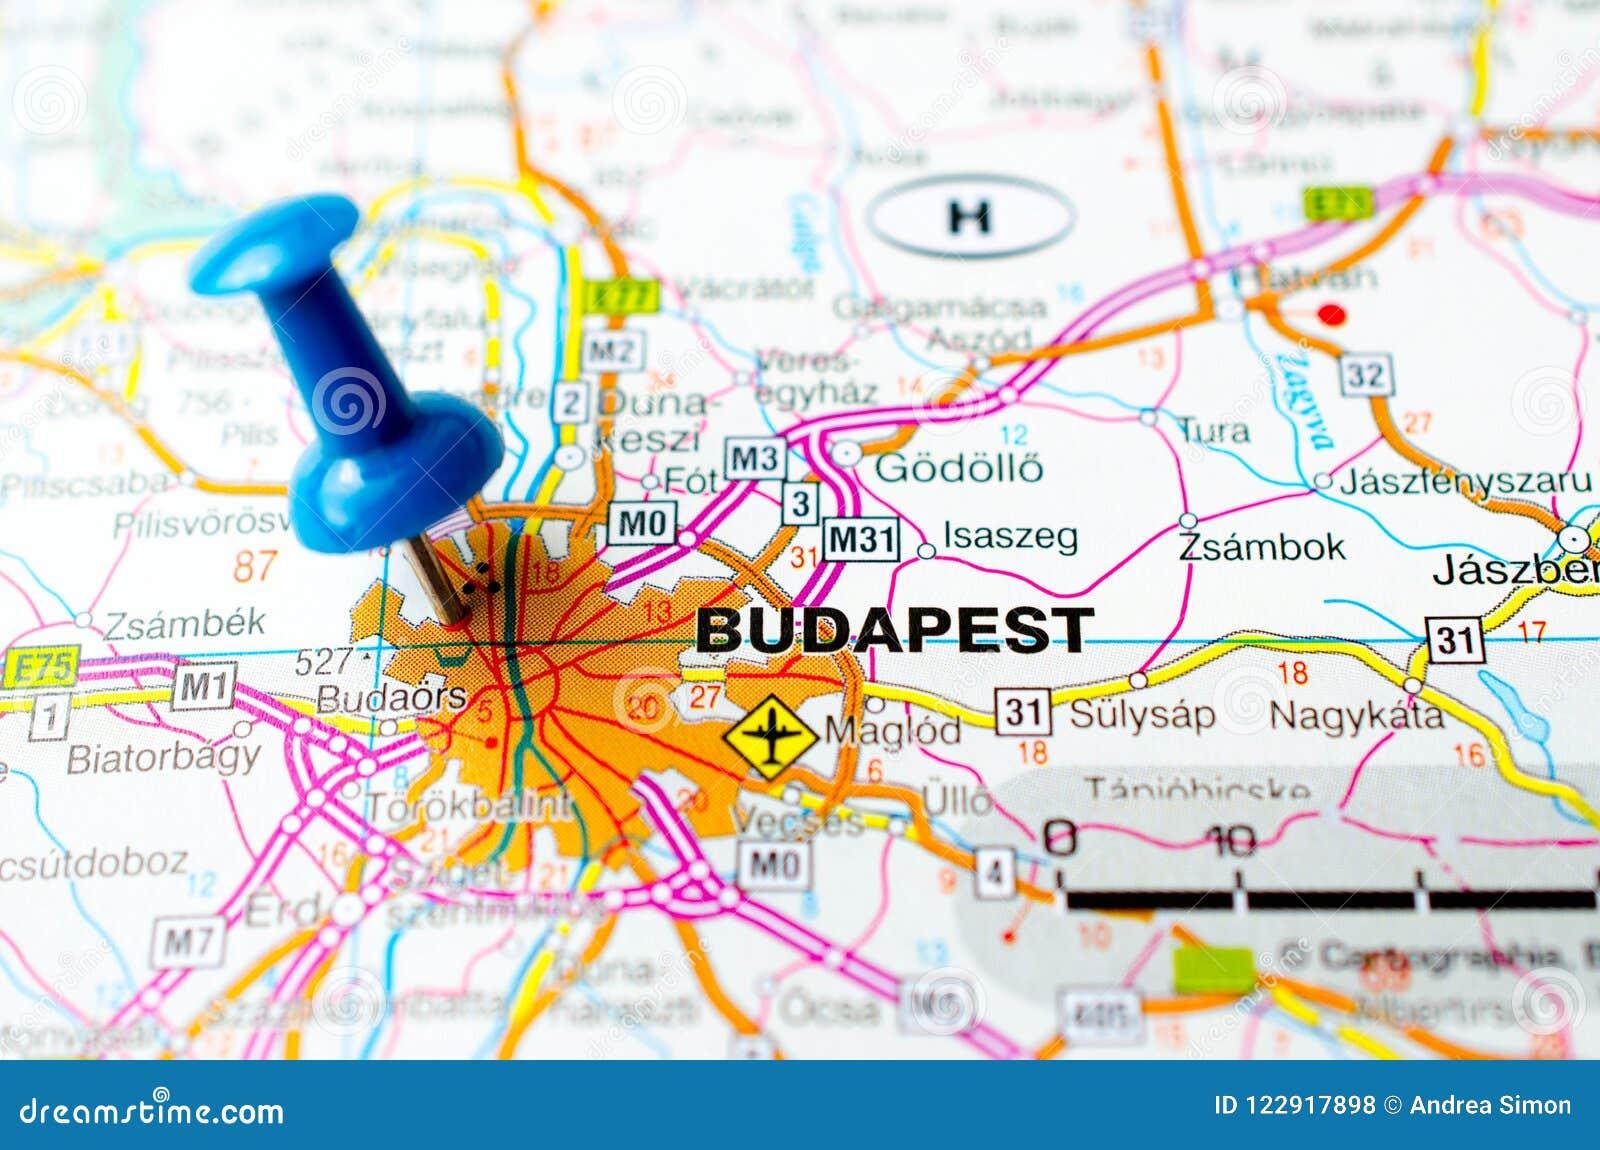 budapest karte Budapest auf Karte stockfoto. Bild von cartography, schuß   122917898